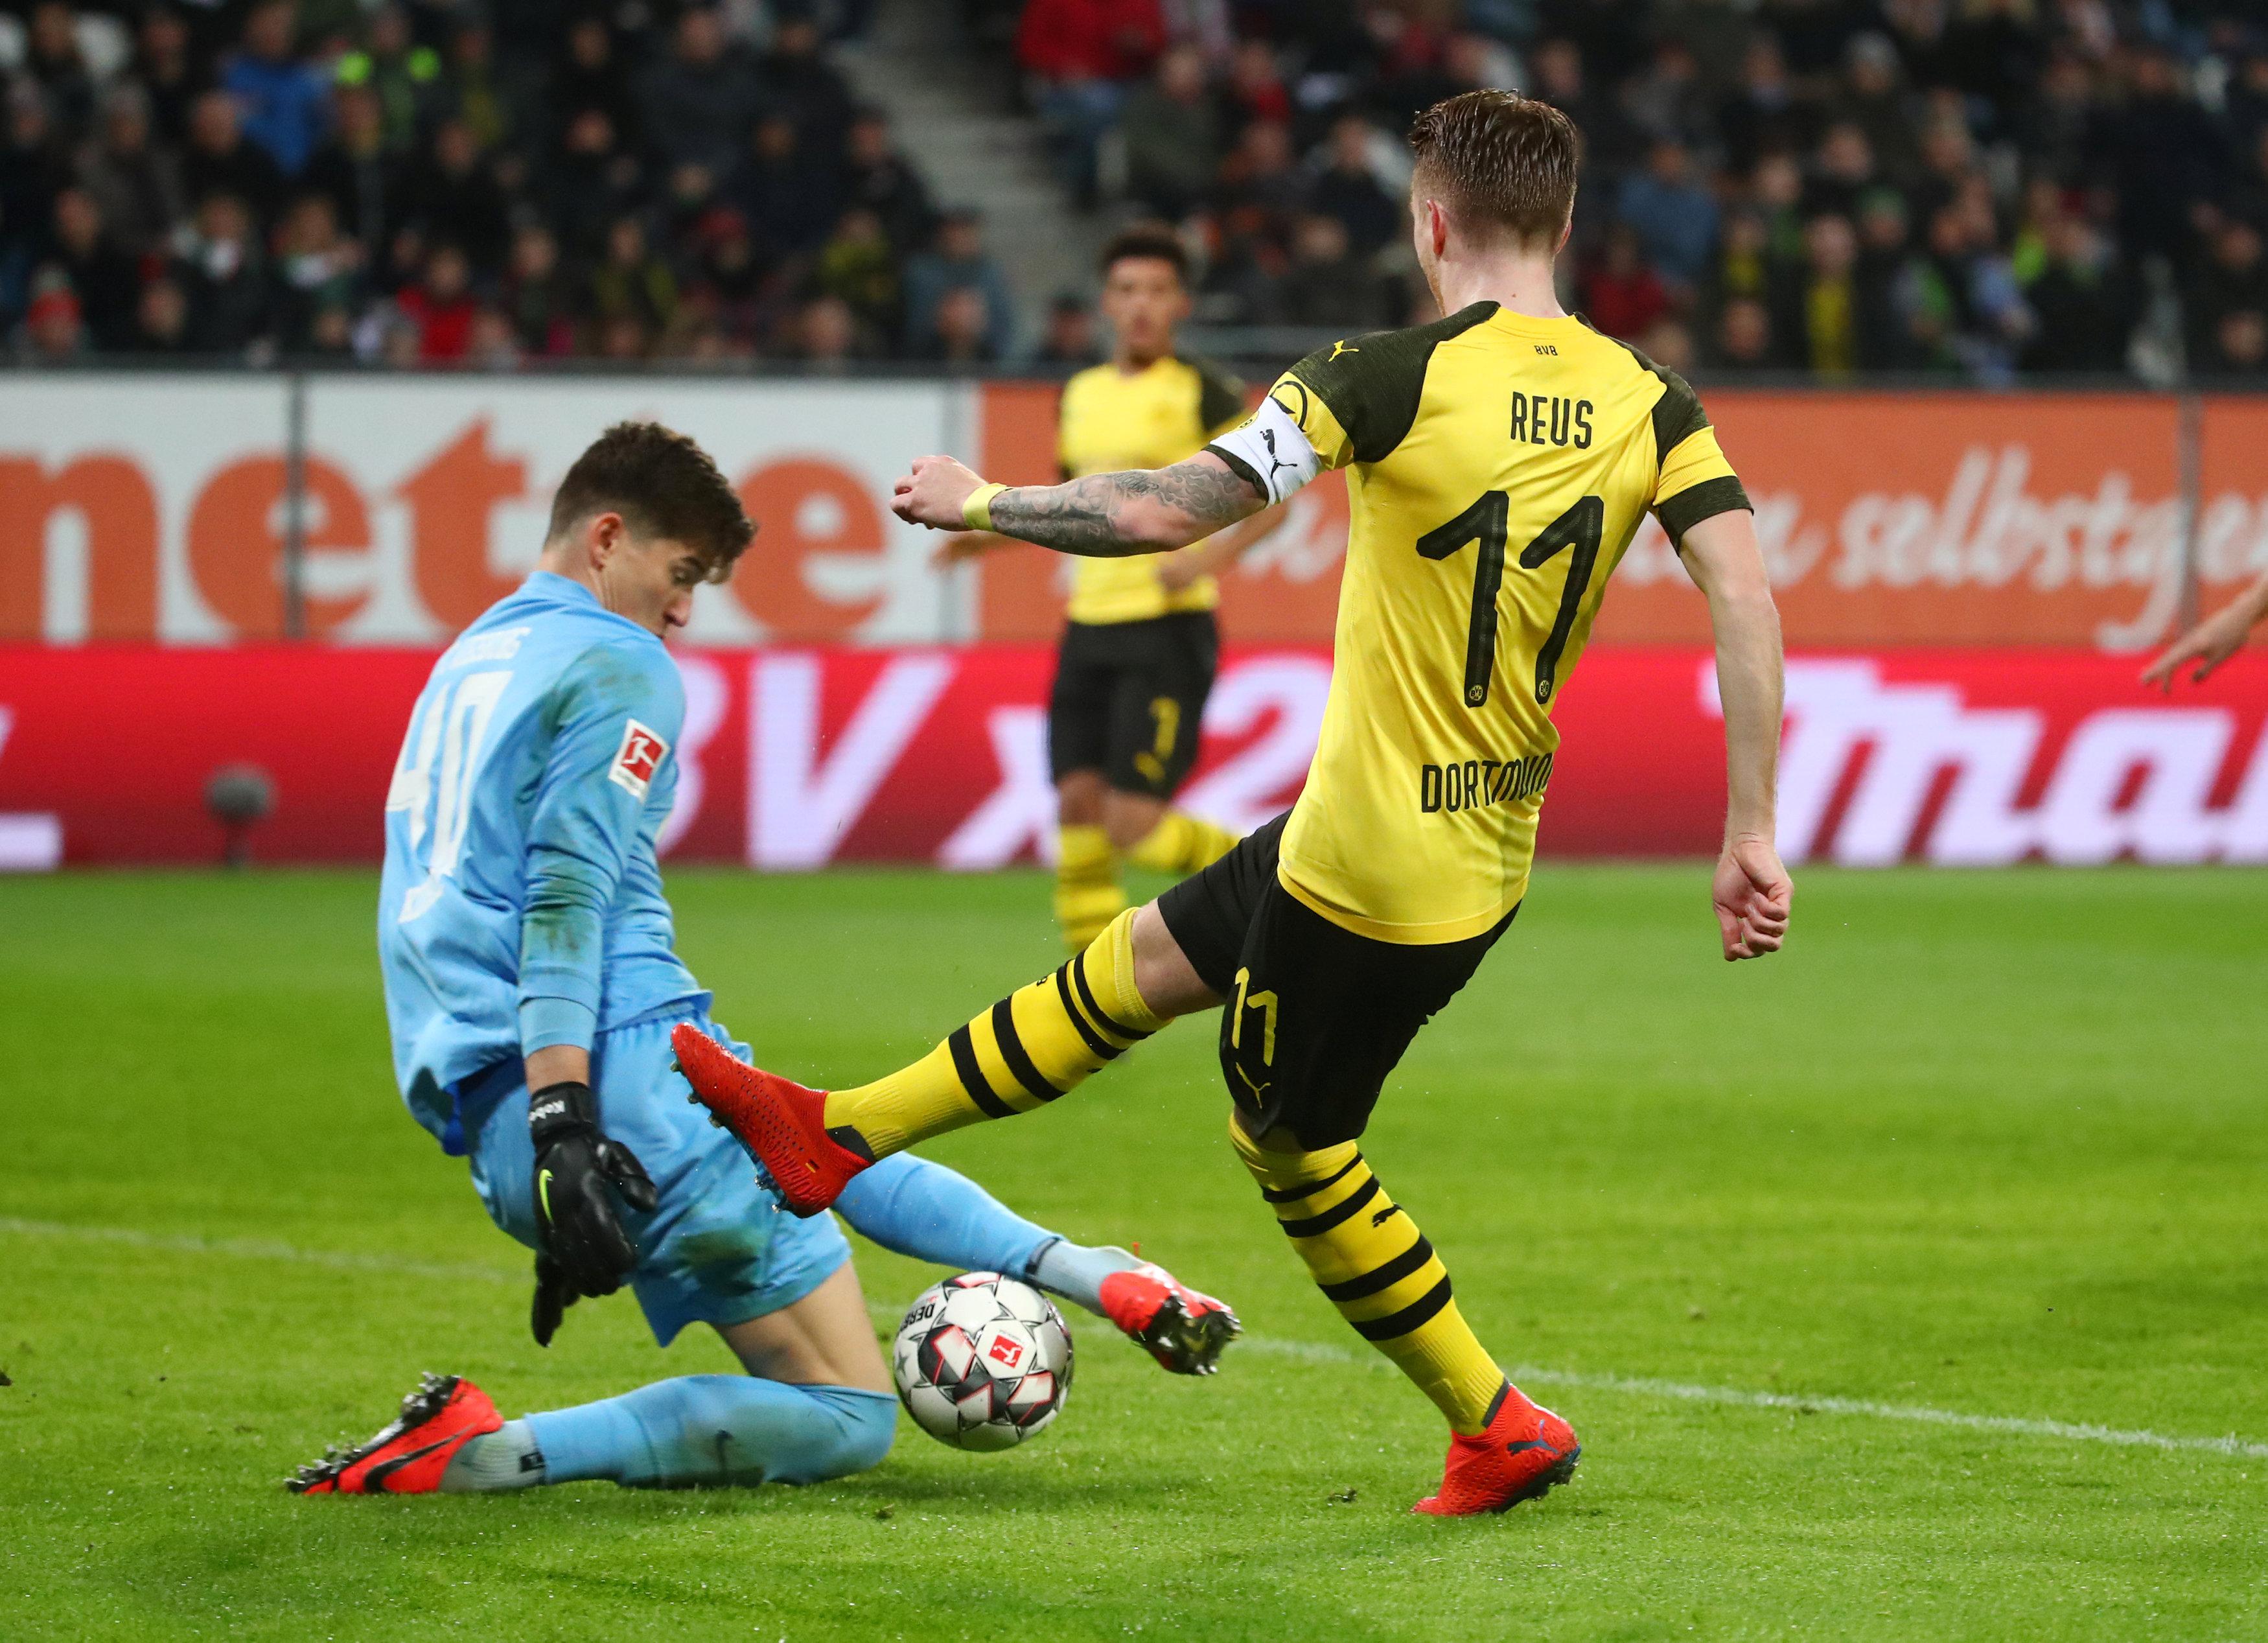 En fotos: Borussia Dortmund es sorprendido por el Augsburg y peligra su liderato